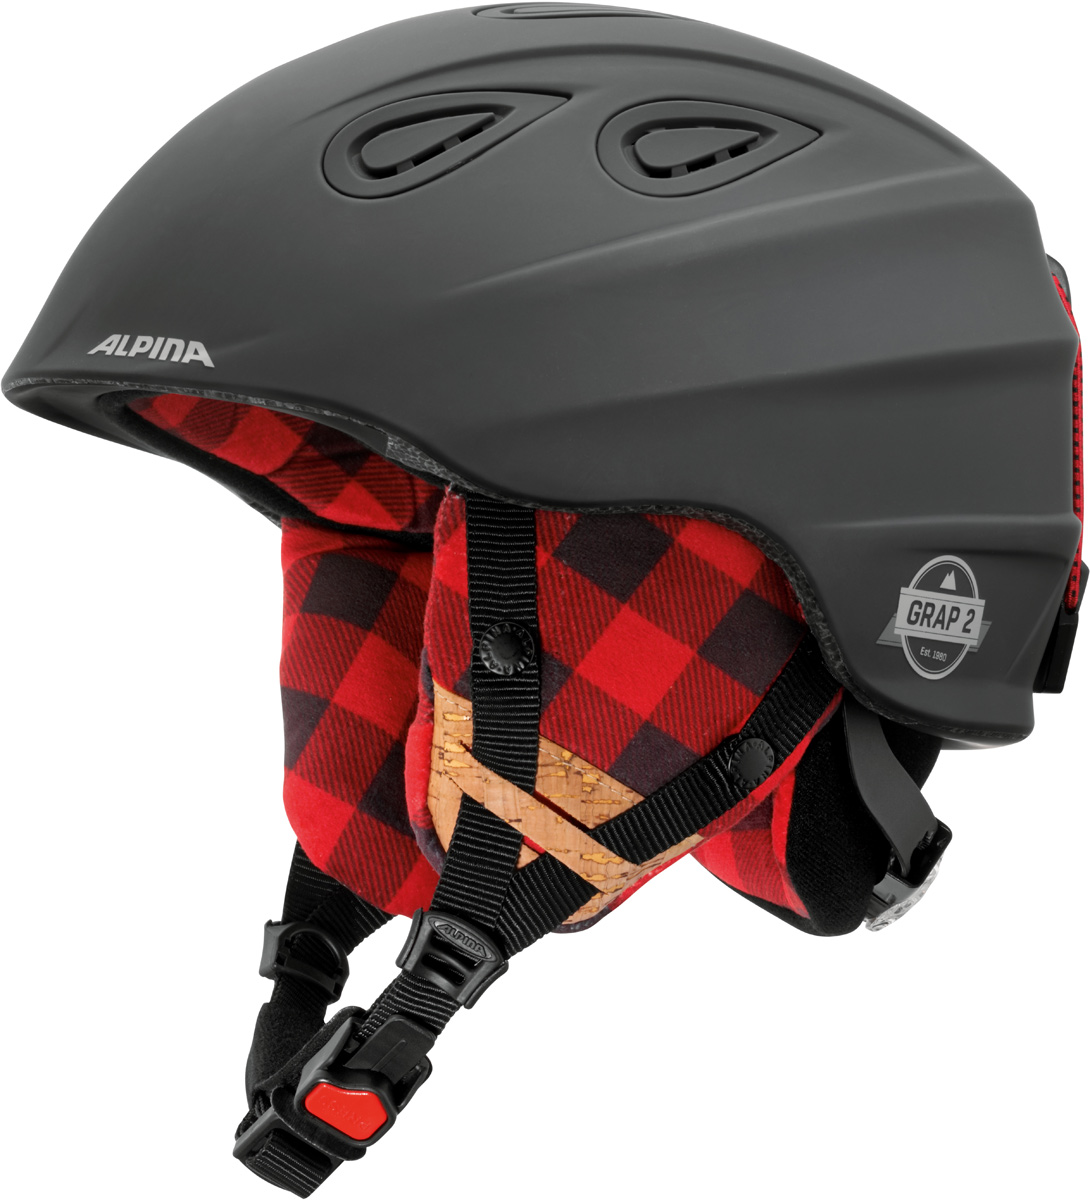 Шлем горнолыжный Alpina Grap 2.0 LE, цвет: черный. A9094_31. Размер 54-57A9094_31Шлем горнолыжный Alpina Grap 2.0 LE - одна из самых популярных моделей в каталоге горнолыжных шлемов Alpina. Надежный, многоцелевой шлем для широкого круга райдеров. L.E. - Limited Edition - ограниченная серия шлемов, выполненная в уникальной расцветке. Интенсивность воздушного потока можно регулировать. Вентиляционные отверстия шлема могут быть открыты и закрыты раздвижным механизмом. Съемные ушки-амбушюры можно снять за секунду и сложить в карман лыжной куртки. Если вы наслаждаетесь катанием в начале апреля, такая возможность должна вас порадовать. А когда температура снова упадет - щелк и вкладыш снова на месте. Внутренник шлема легко вынимается, стирается, сушится и вставляется обратно. Прочная и легкая конструкция In-mold. Тонкая и прочная поликарбонатная оболочка под воздействием высокой температуры и давления буквально сплавляется с гранулами EPS, которые гасят ударную нагрузку. Внутренняя оболочка каждого шлема Alpina состоит из гранул HI-EPS (сильно вспененного полистирола). Микроскопические воздушные карманы эффективно поглощают ударную нагрузку и обеспечивают высокую теплоизоляцию. Эта технология позволяет достичь минимальной толщины оболочки. А так как гранулы HI-EPS не впитывают влагу, их защитный эффект не ослабевает со временем. Из задней части шлема можно достать шейный утеплитель из мягкого микро-флиса. Этот теплый воротник также защищает шею от ударов на высокой скорости и при сибирских морозах. В удобной конструкции отсутствуют точки давления на шею. Вместо фастекса на ремешке используется красная кнопка с автоматическим запирающим механизмом, которую легко использовать даже в лыжных перчатках. Механизм защищен от произвольного раскрытия при падении. Ручка регулировки Run System Classic в задней части шлема позволяет за мгновение комфортно усадить шлем на затылке. Y-образный ремнераспределитель двух ремешков находится под ухом и обеспечивает быструю и точную посадку ш